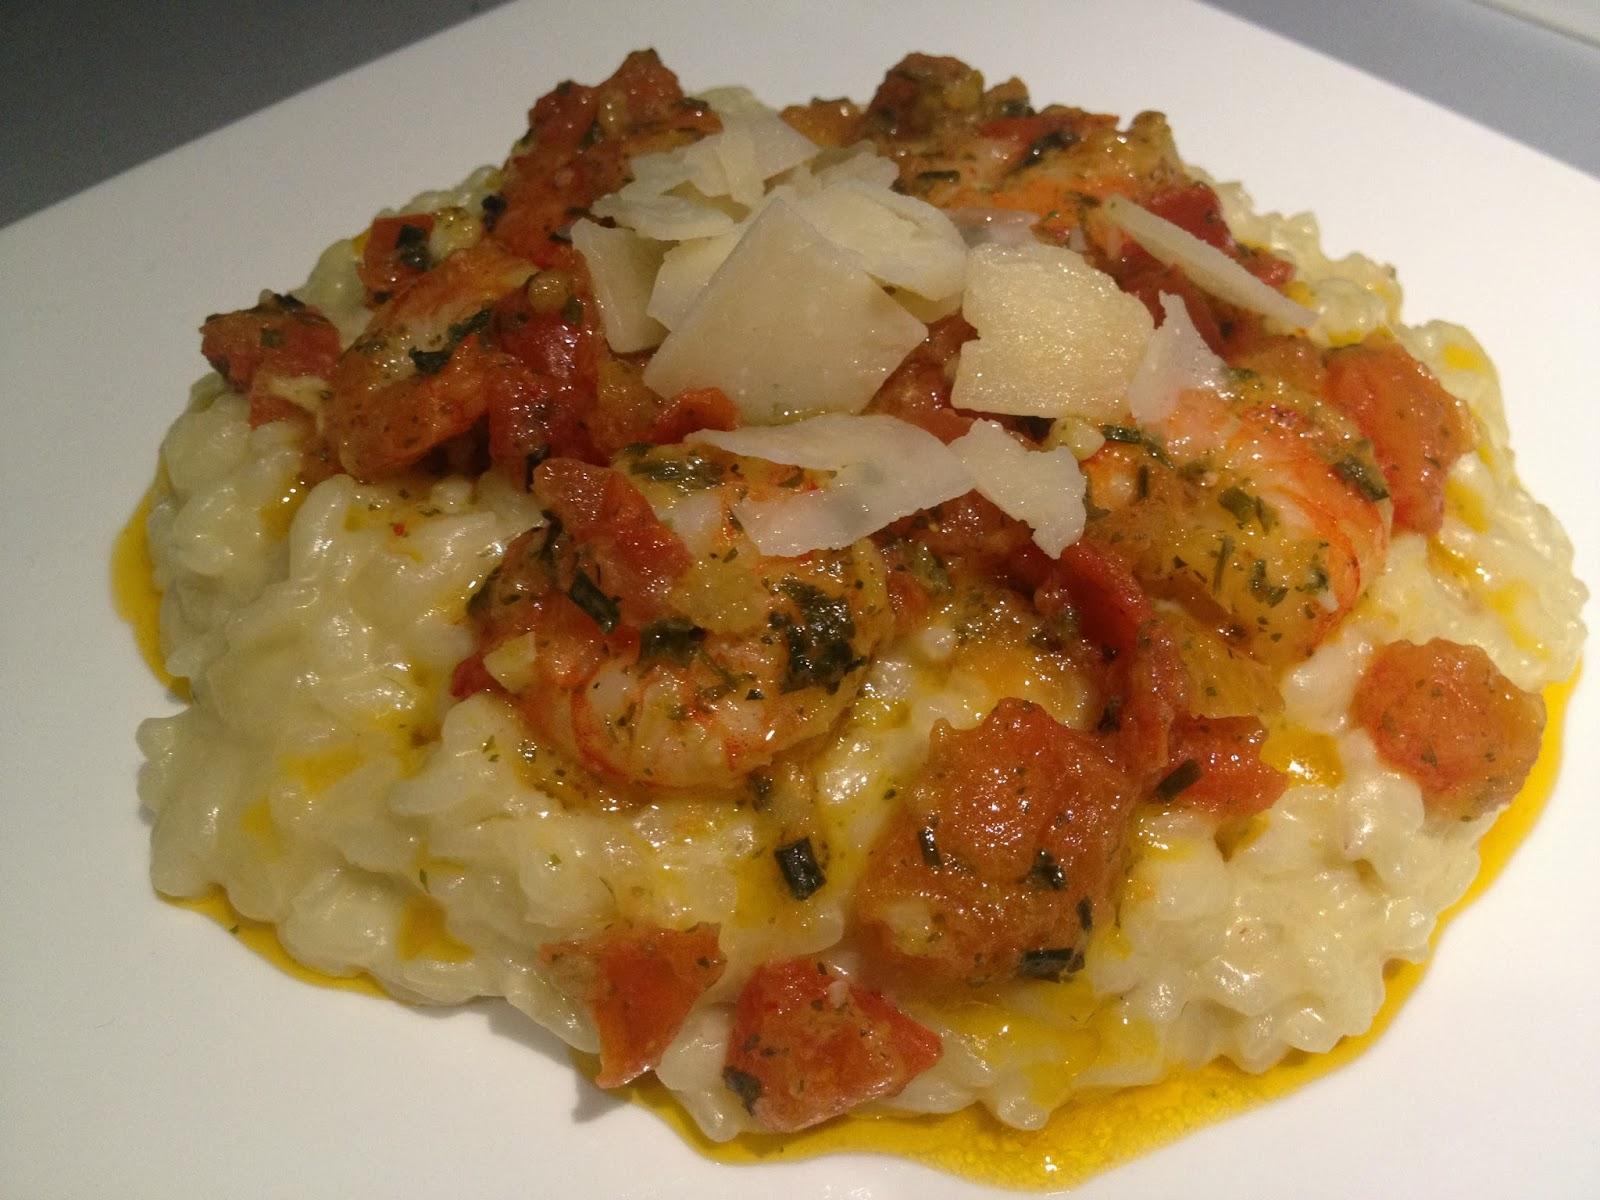 risotto au parmesan crevettes sauce tomate l g rement pic e lm et compagnie. Black Bedroom Furniture Sets. Home Design Ideas